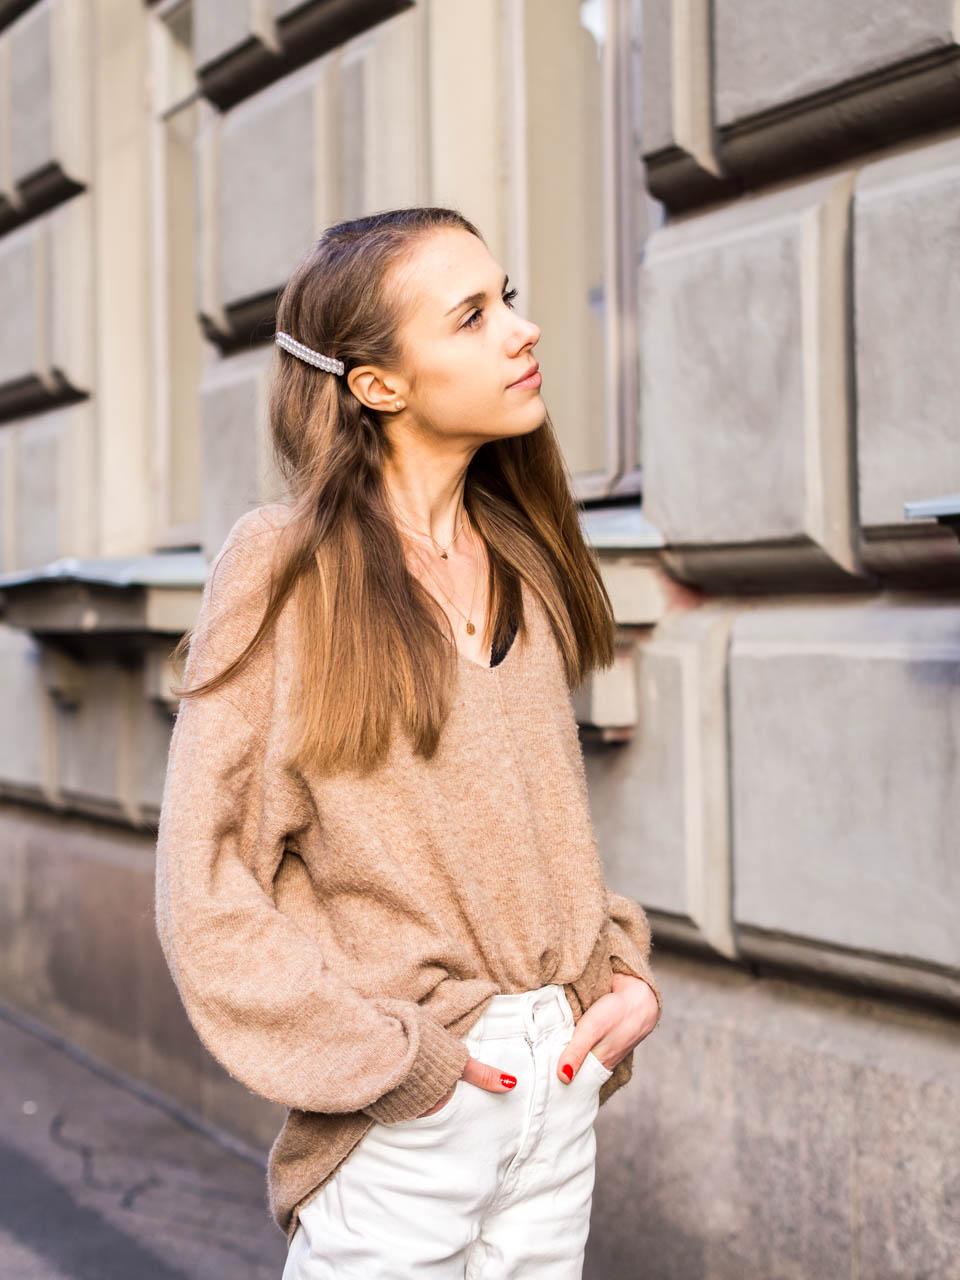 Autumn fashion inspiration style blogger Helsinki - syysmuoti asuinspiraatio muotibloggaaja Helsinki